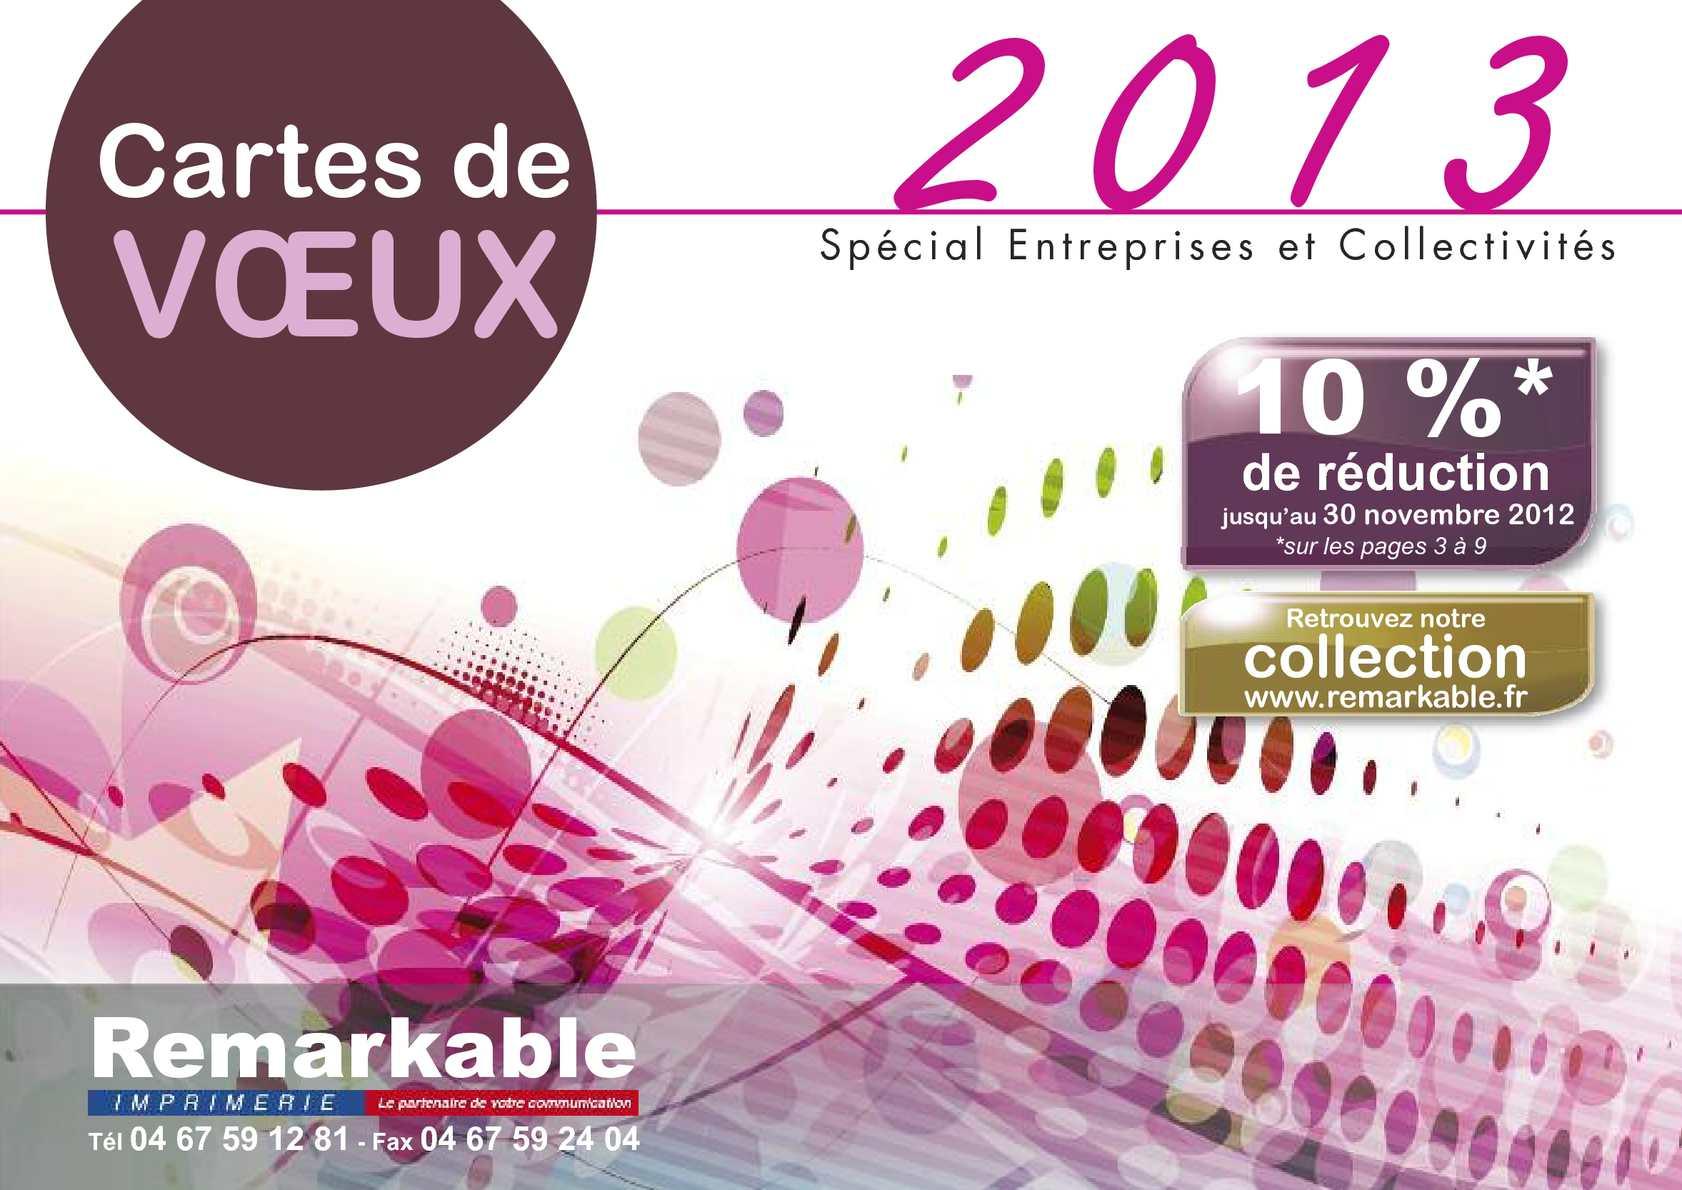 CATALOGUE Cartes de Vœux Entreprises 2012-2013